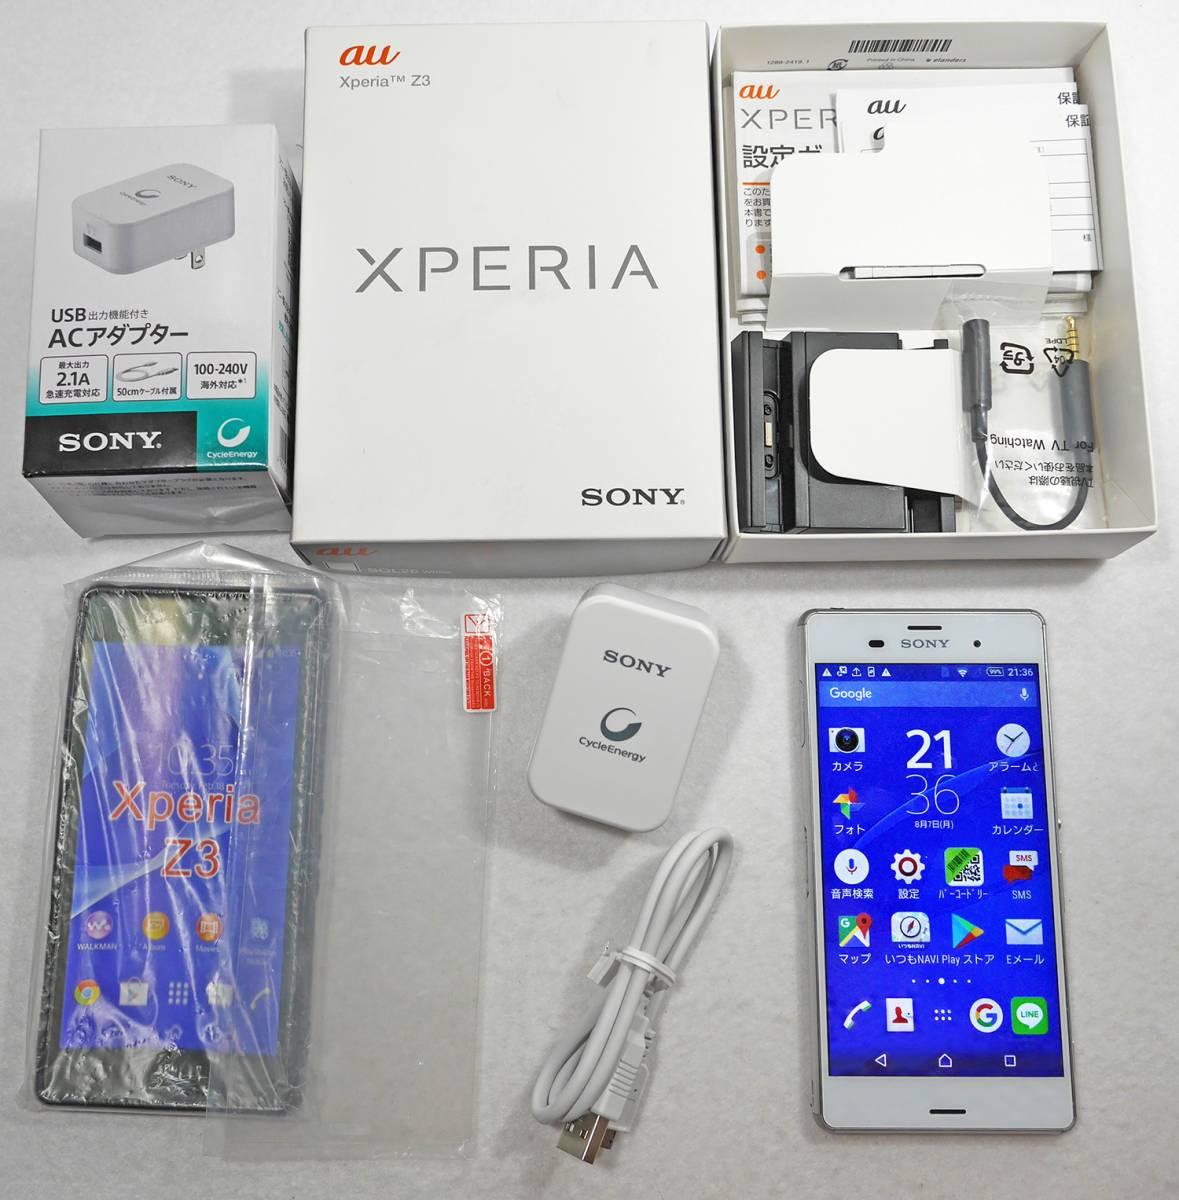 【美品】au SONY Xperia Z3ホワイト 制限〇+付属品・全一式付_画像2